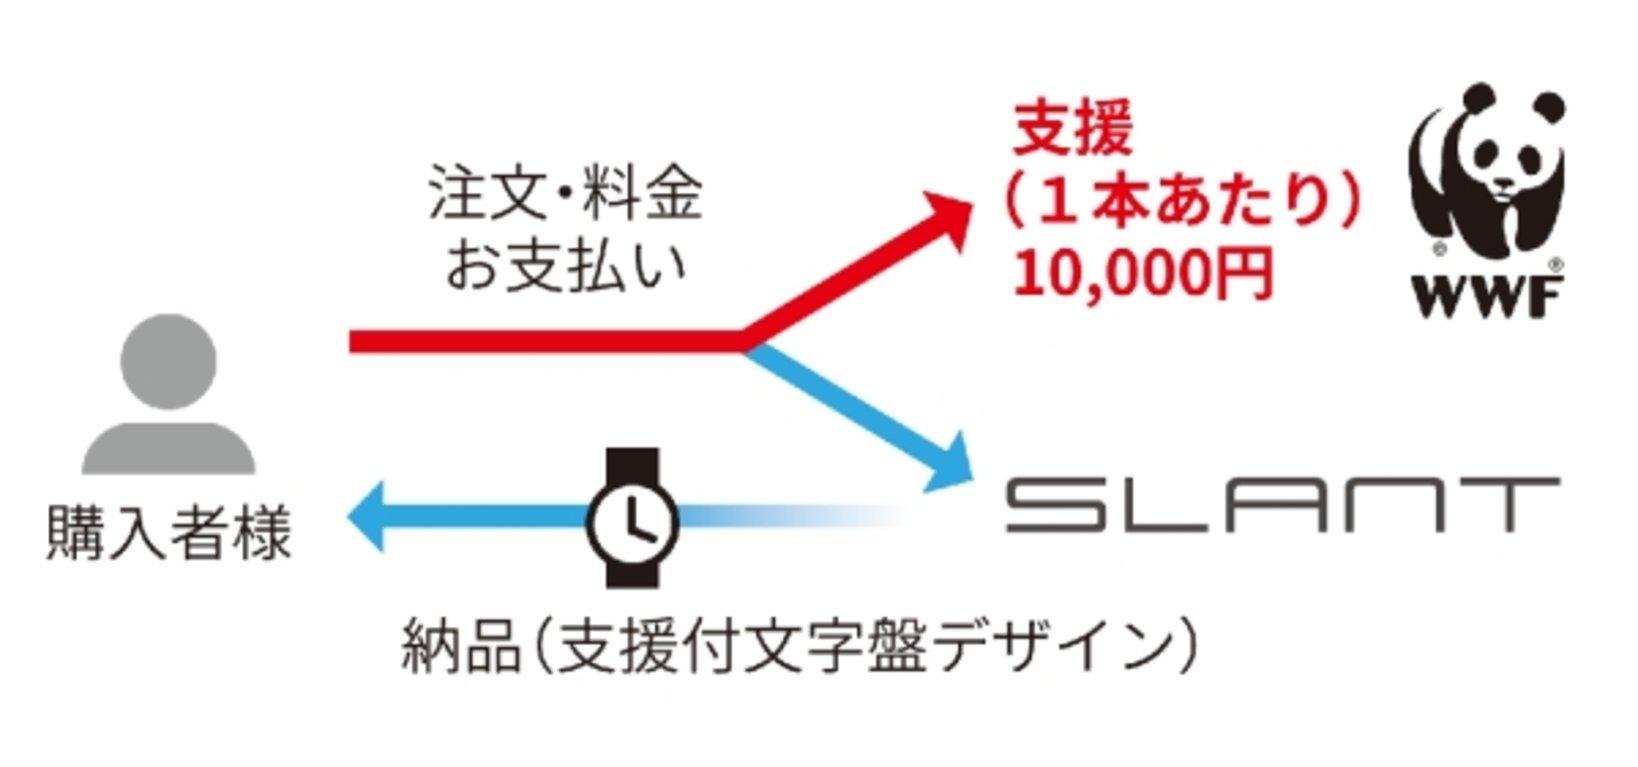 1本につき1万円が支援される